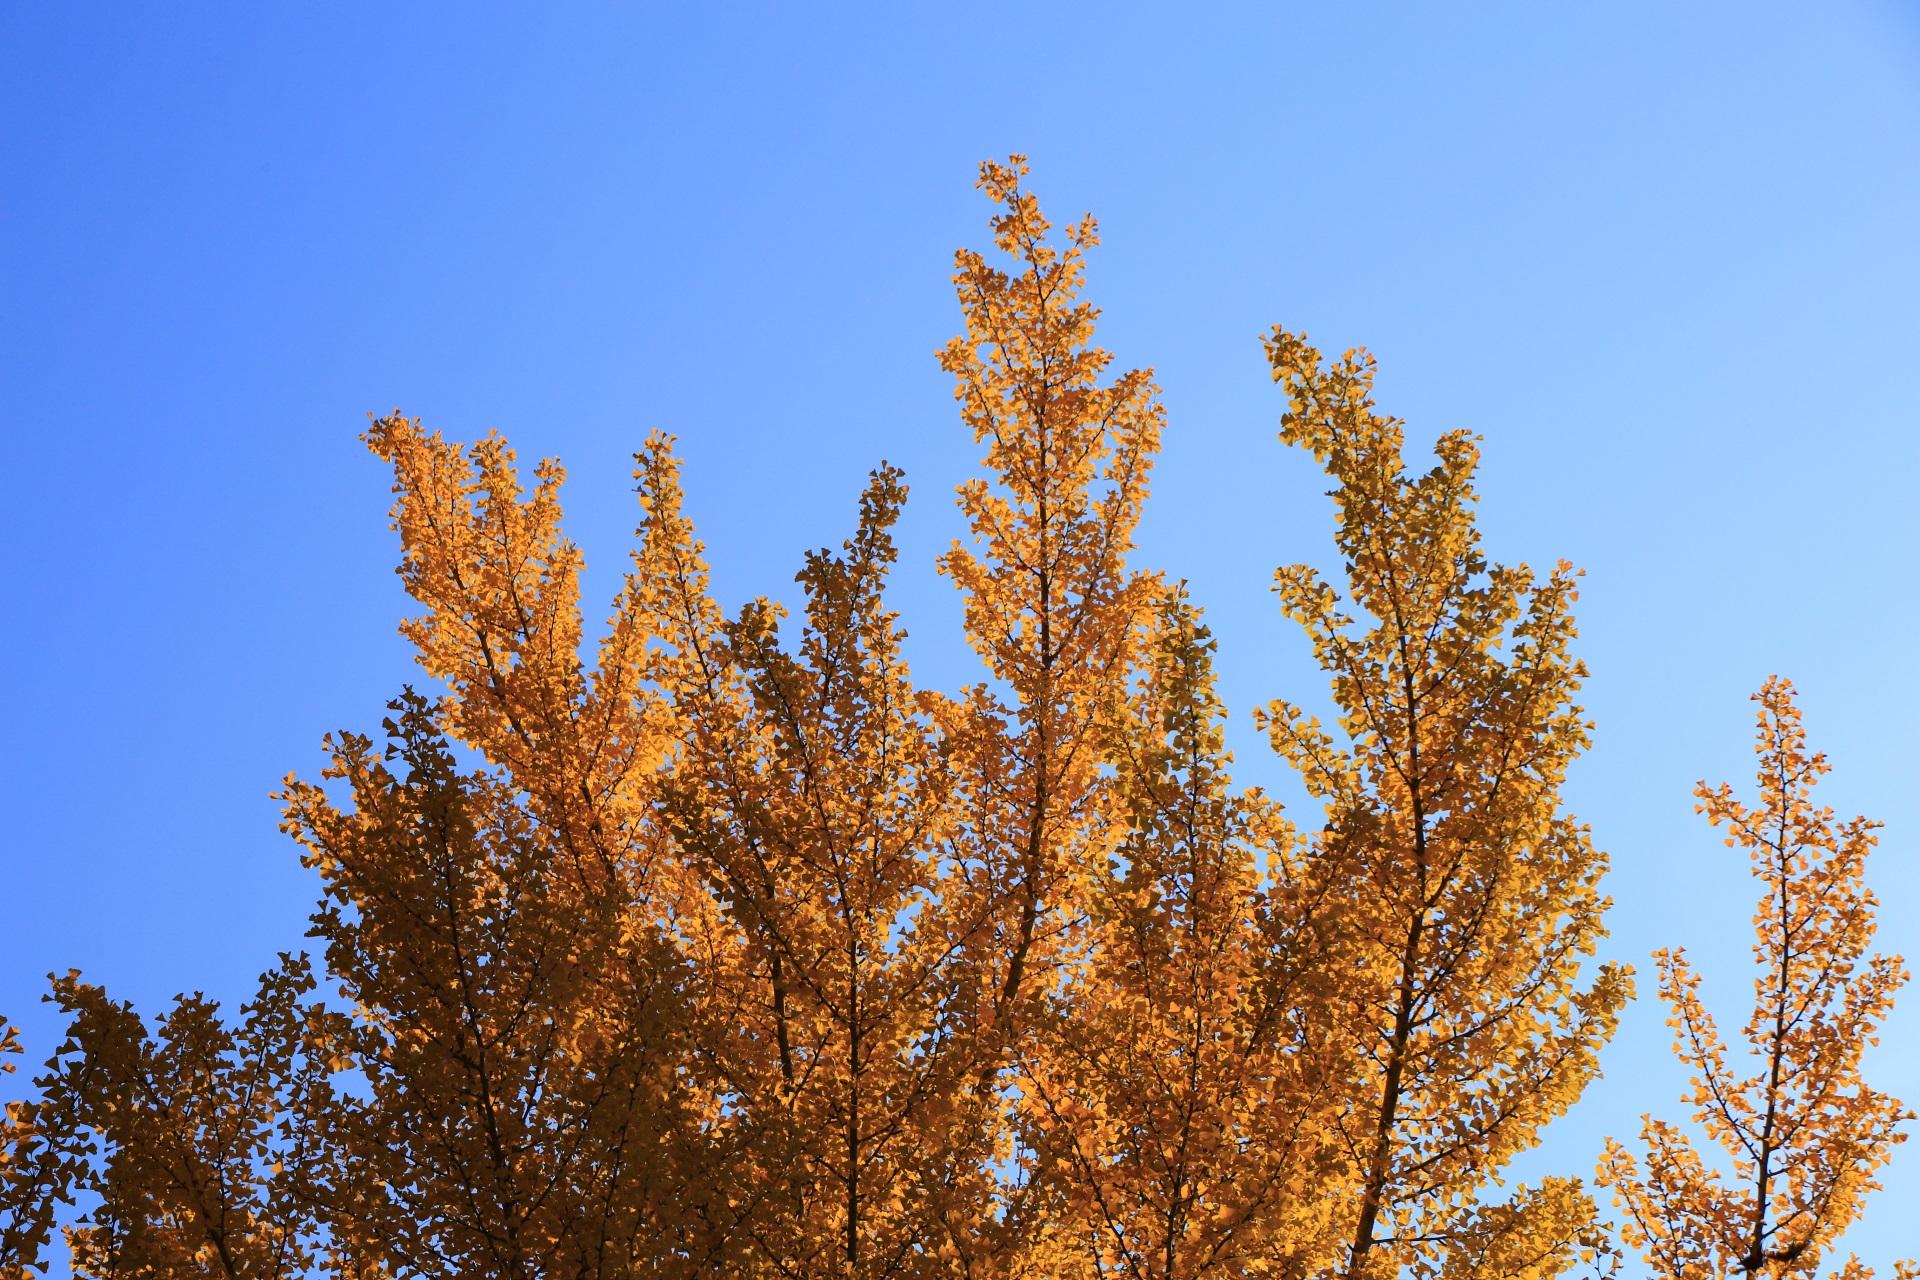 青空を彩る華やかな銀杏